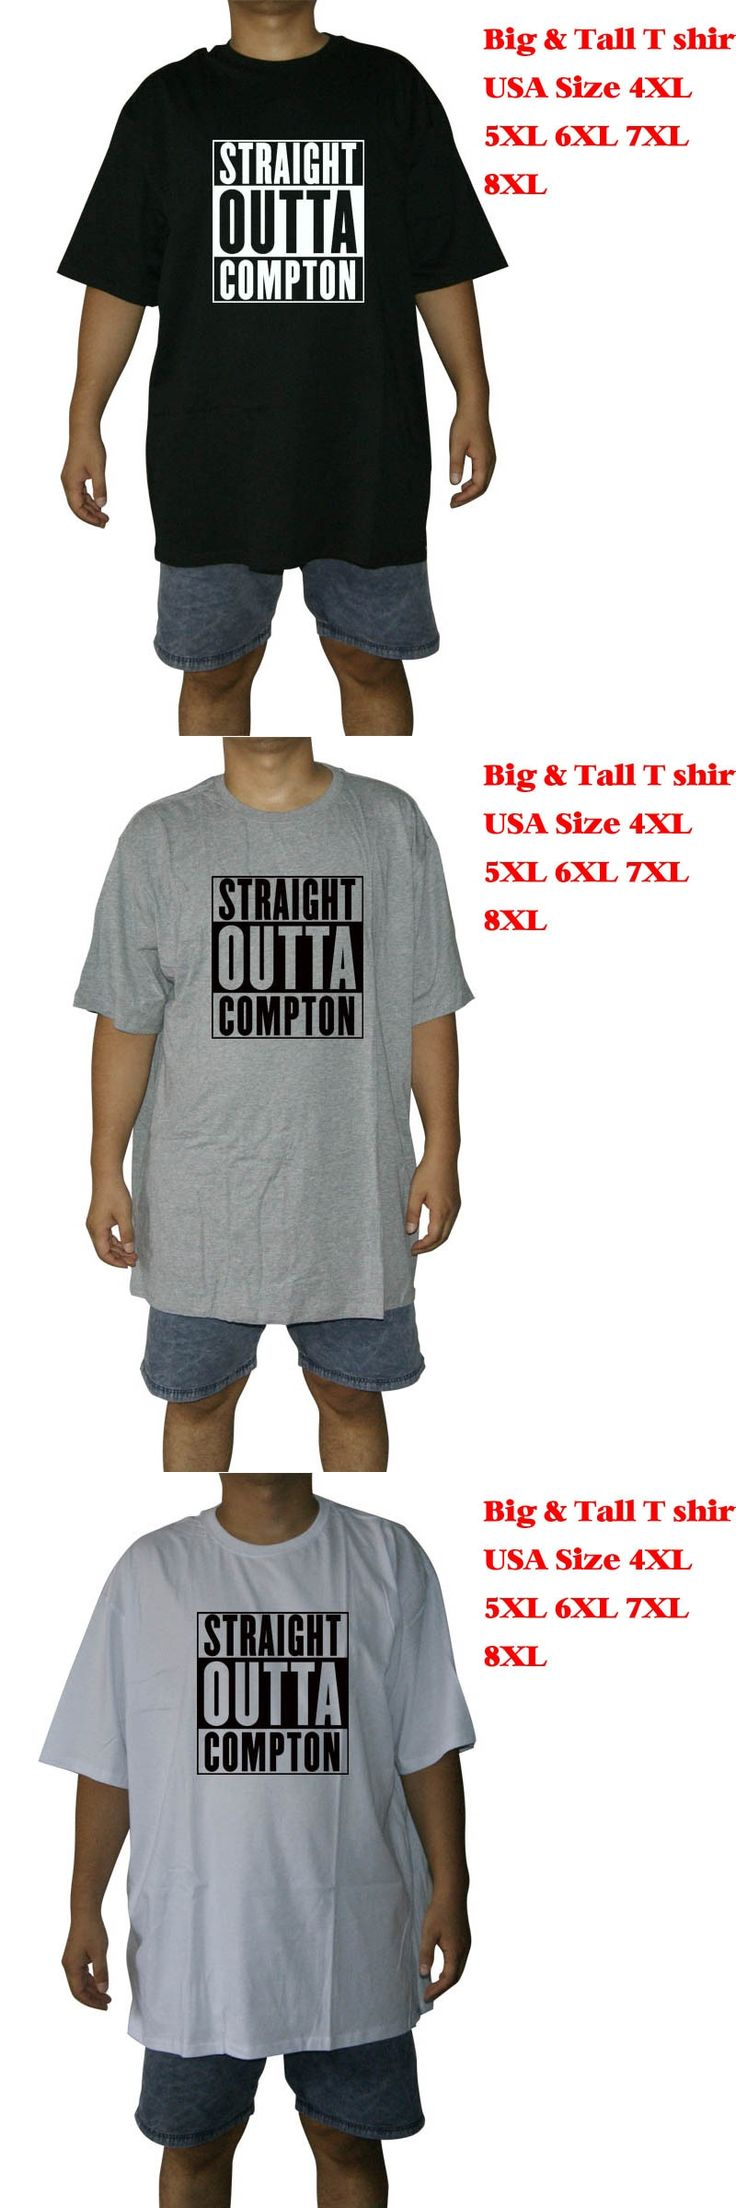 Big and tall T Shirt men Straight Outta Compton NWA California GOTHIC Eazy E NWA Dr. Dre hip hop fat tee USA 4XL 5XL 6XL 7XL 8XL